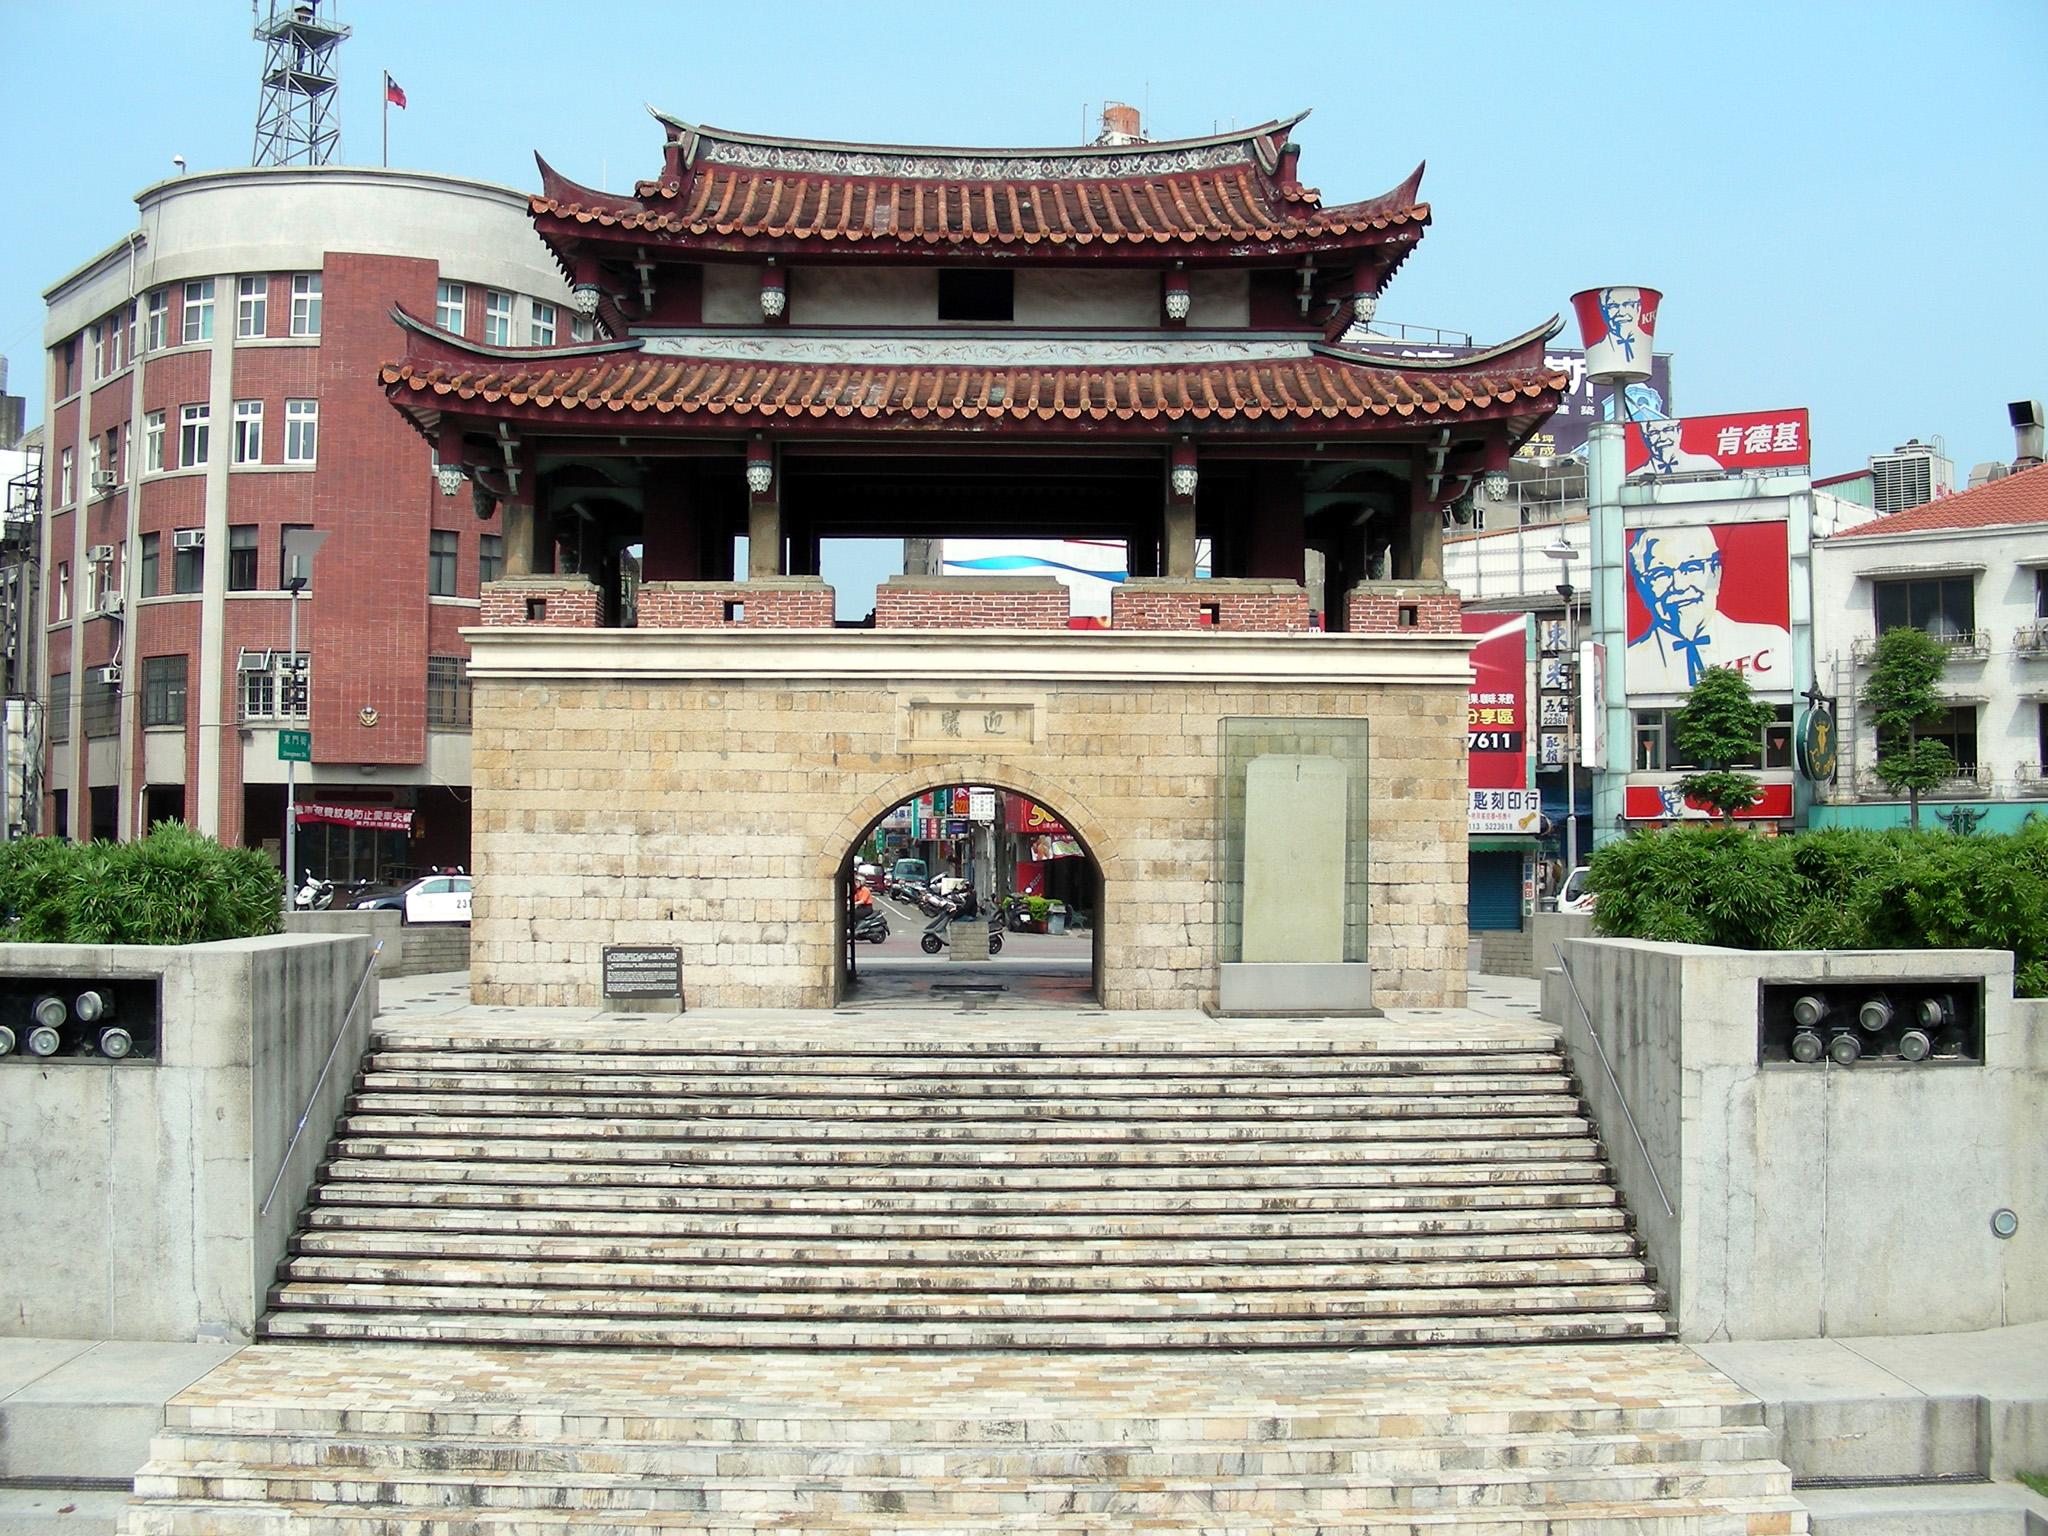 Hsinchu Yinxi Gate